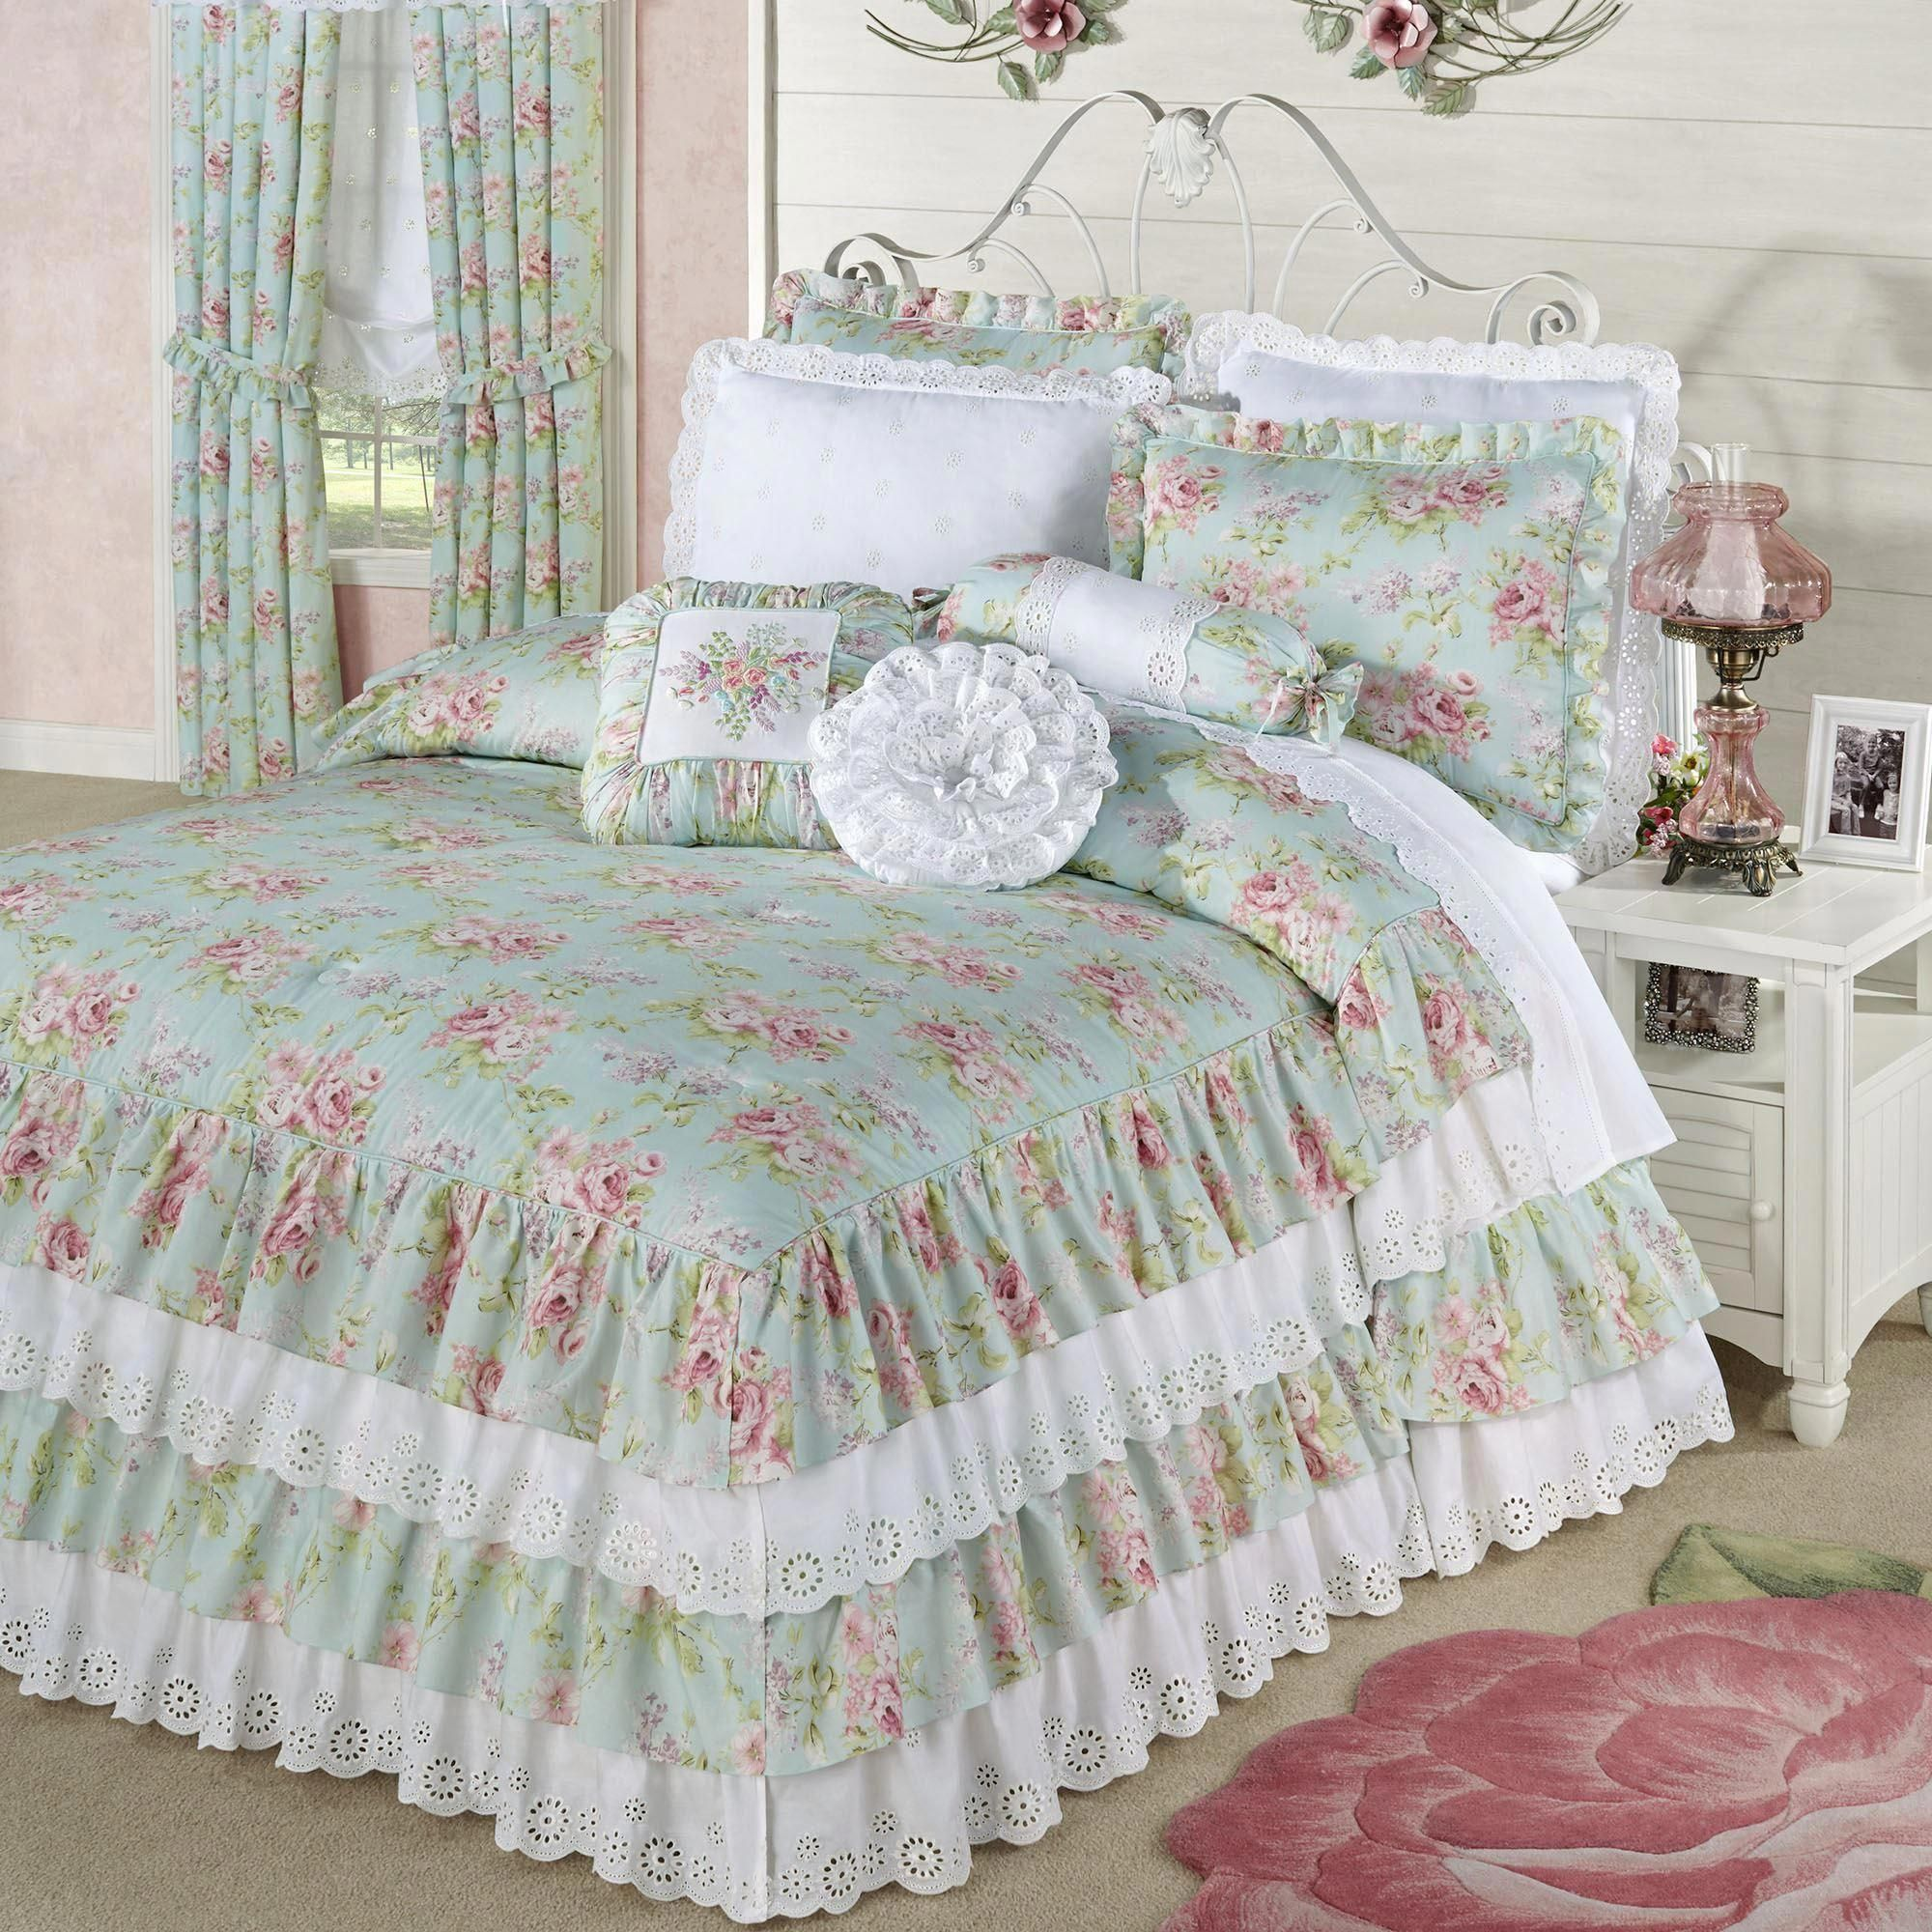 Cottage rose aqua mist floral grande ruffled bedspread